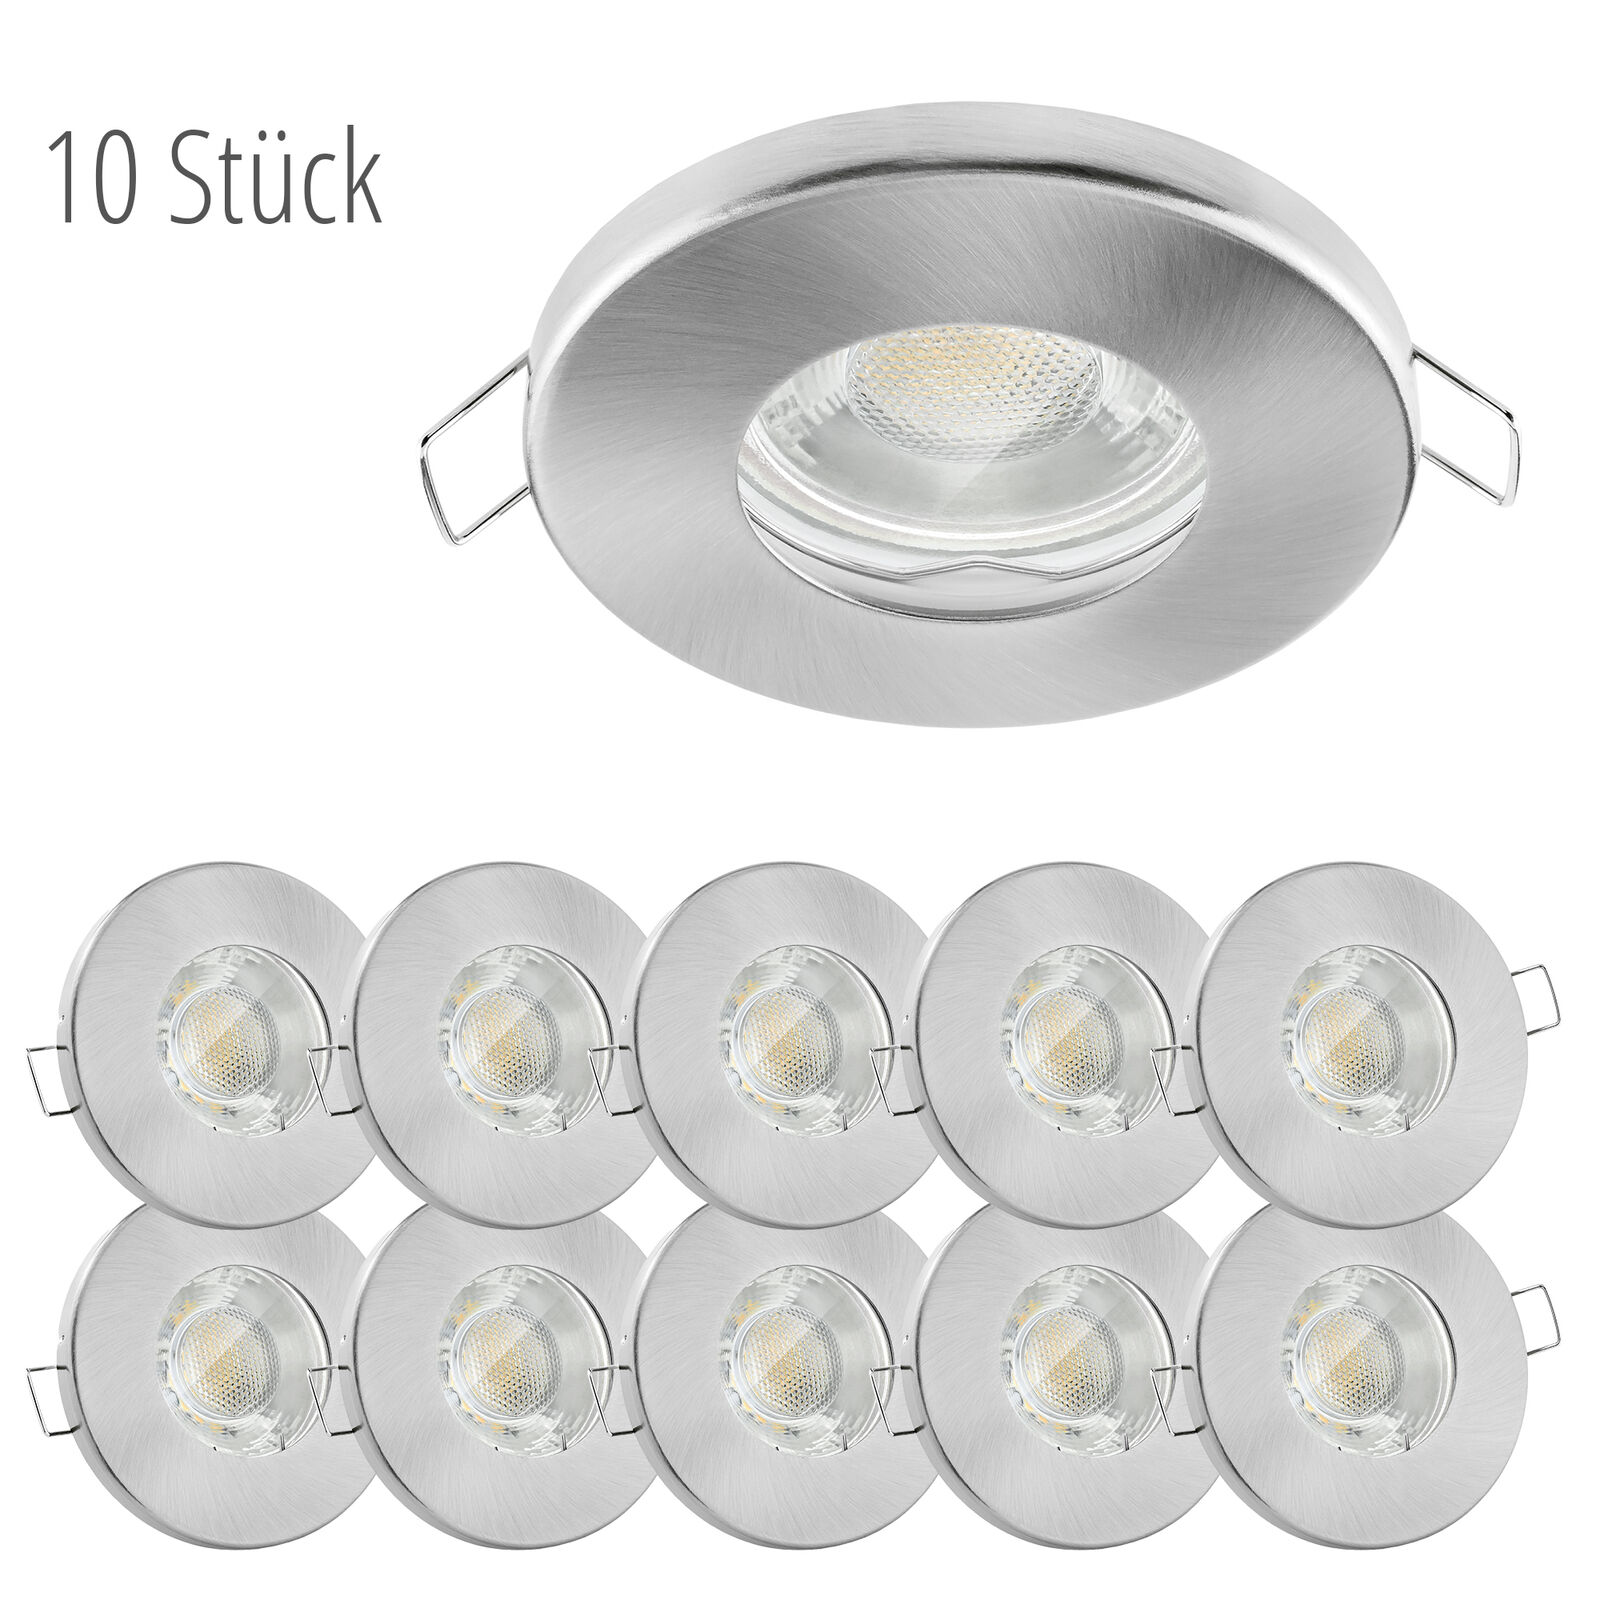 10x linovum® LED Einbauspots Set flach IP65 - Bad, Dusche, Außen 6W neutralweiß